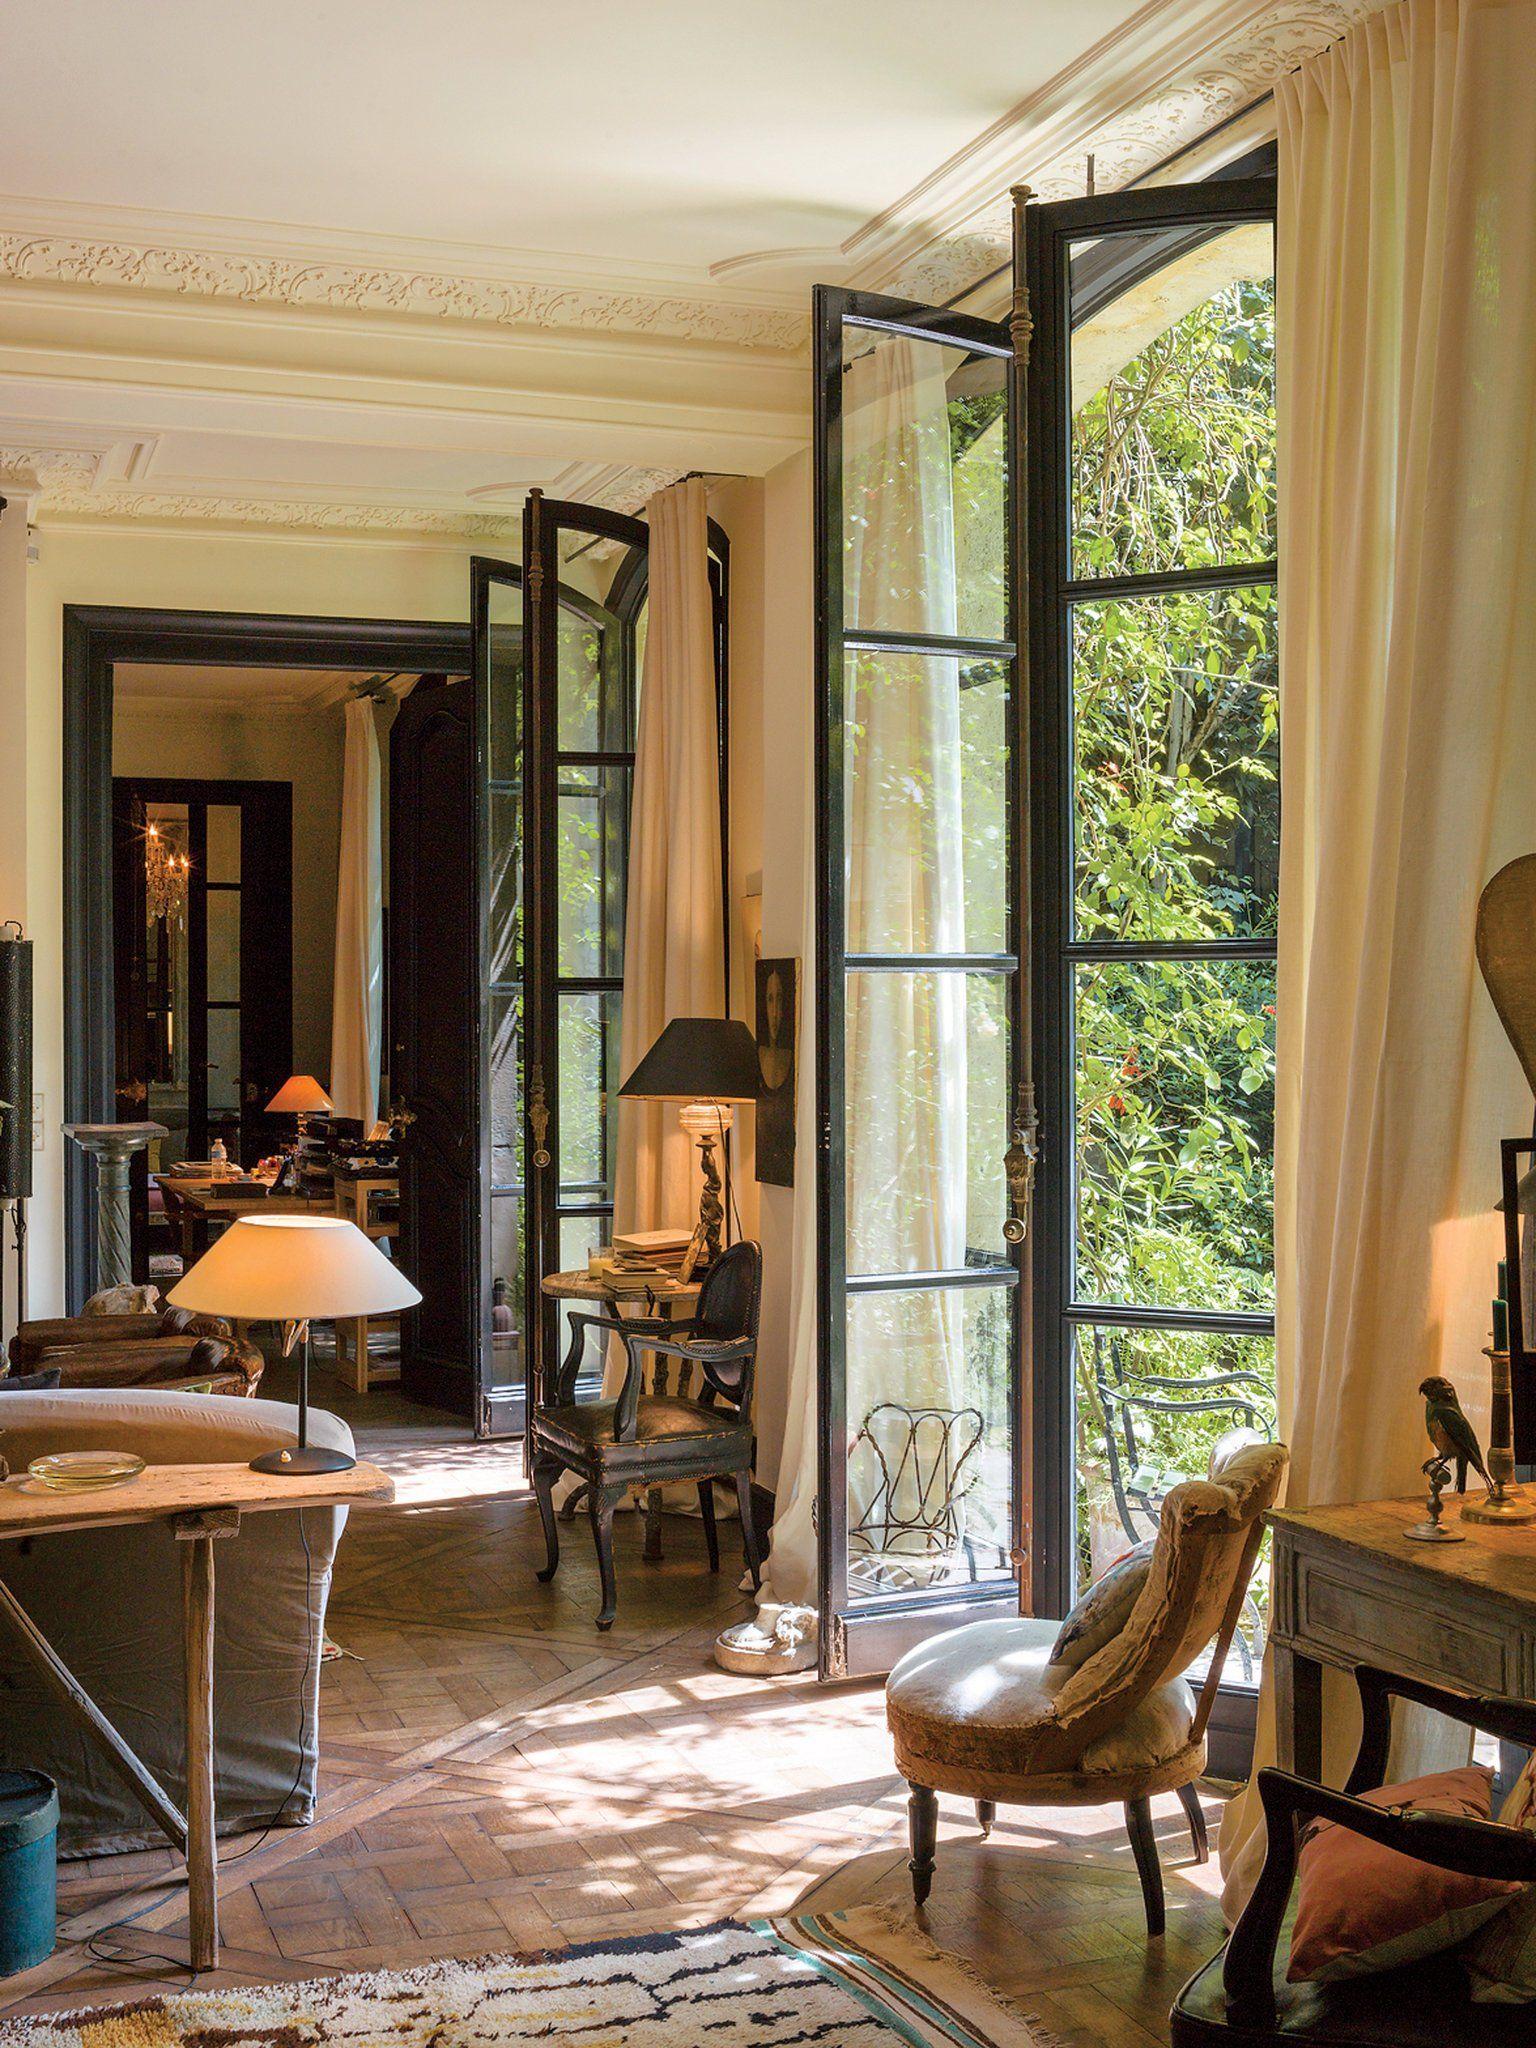 Maison de famille paris stunning maison pices m with maison de famille paris gallery of maison - Maison de famille paris ...